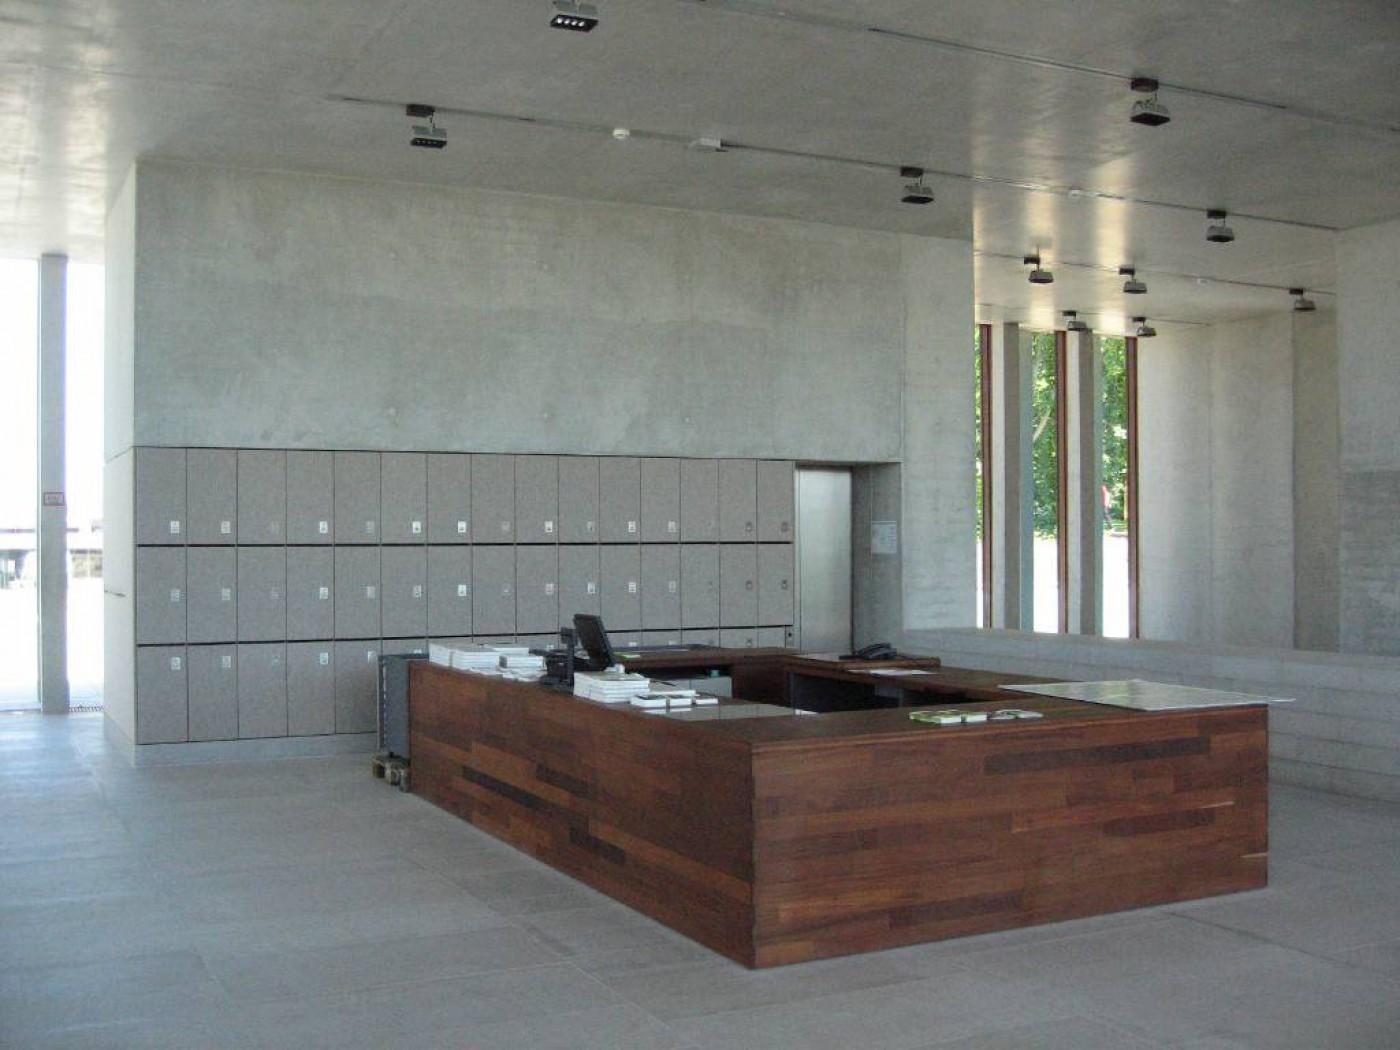 Literaturmuseum der Moderne_img_04